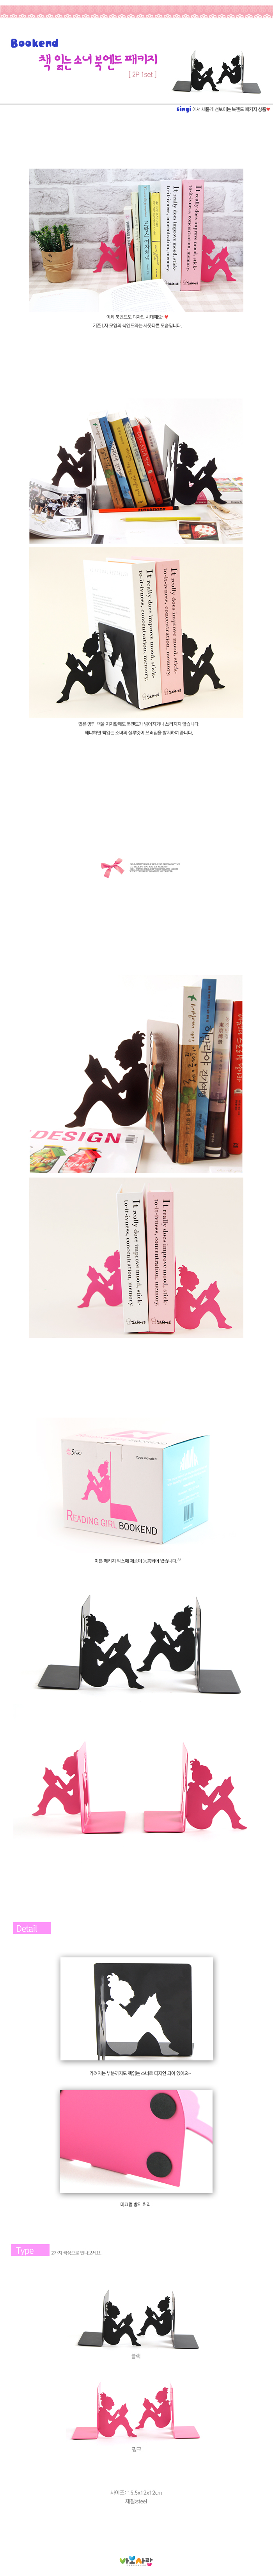 책읽는소녀 북엔드 패키지(2p1set) - 신기, 7,900원, 독서용품, 북앤드